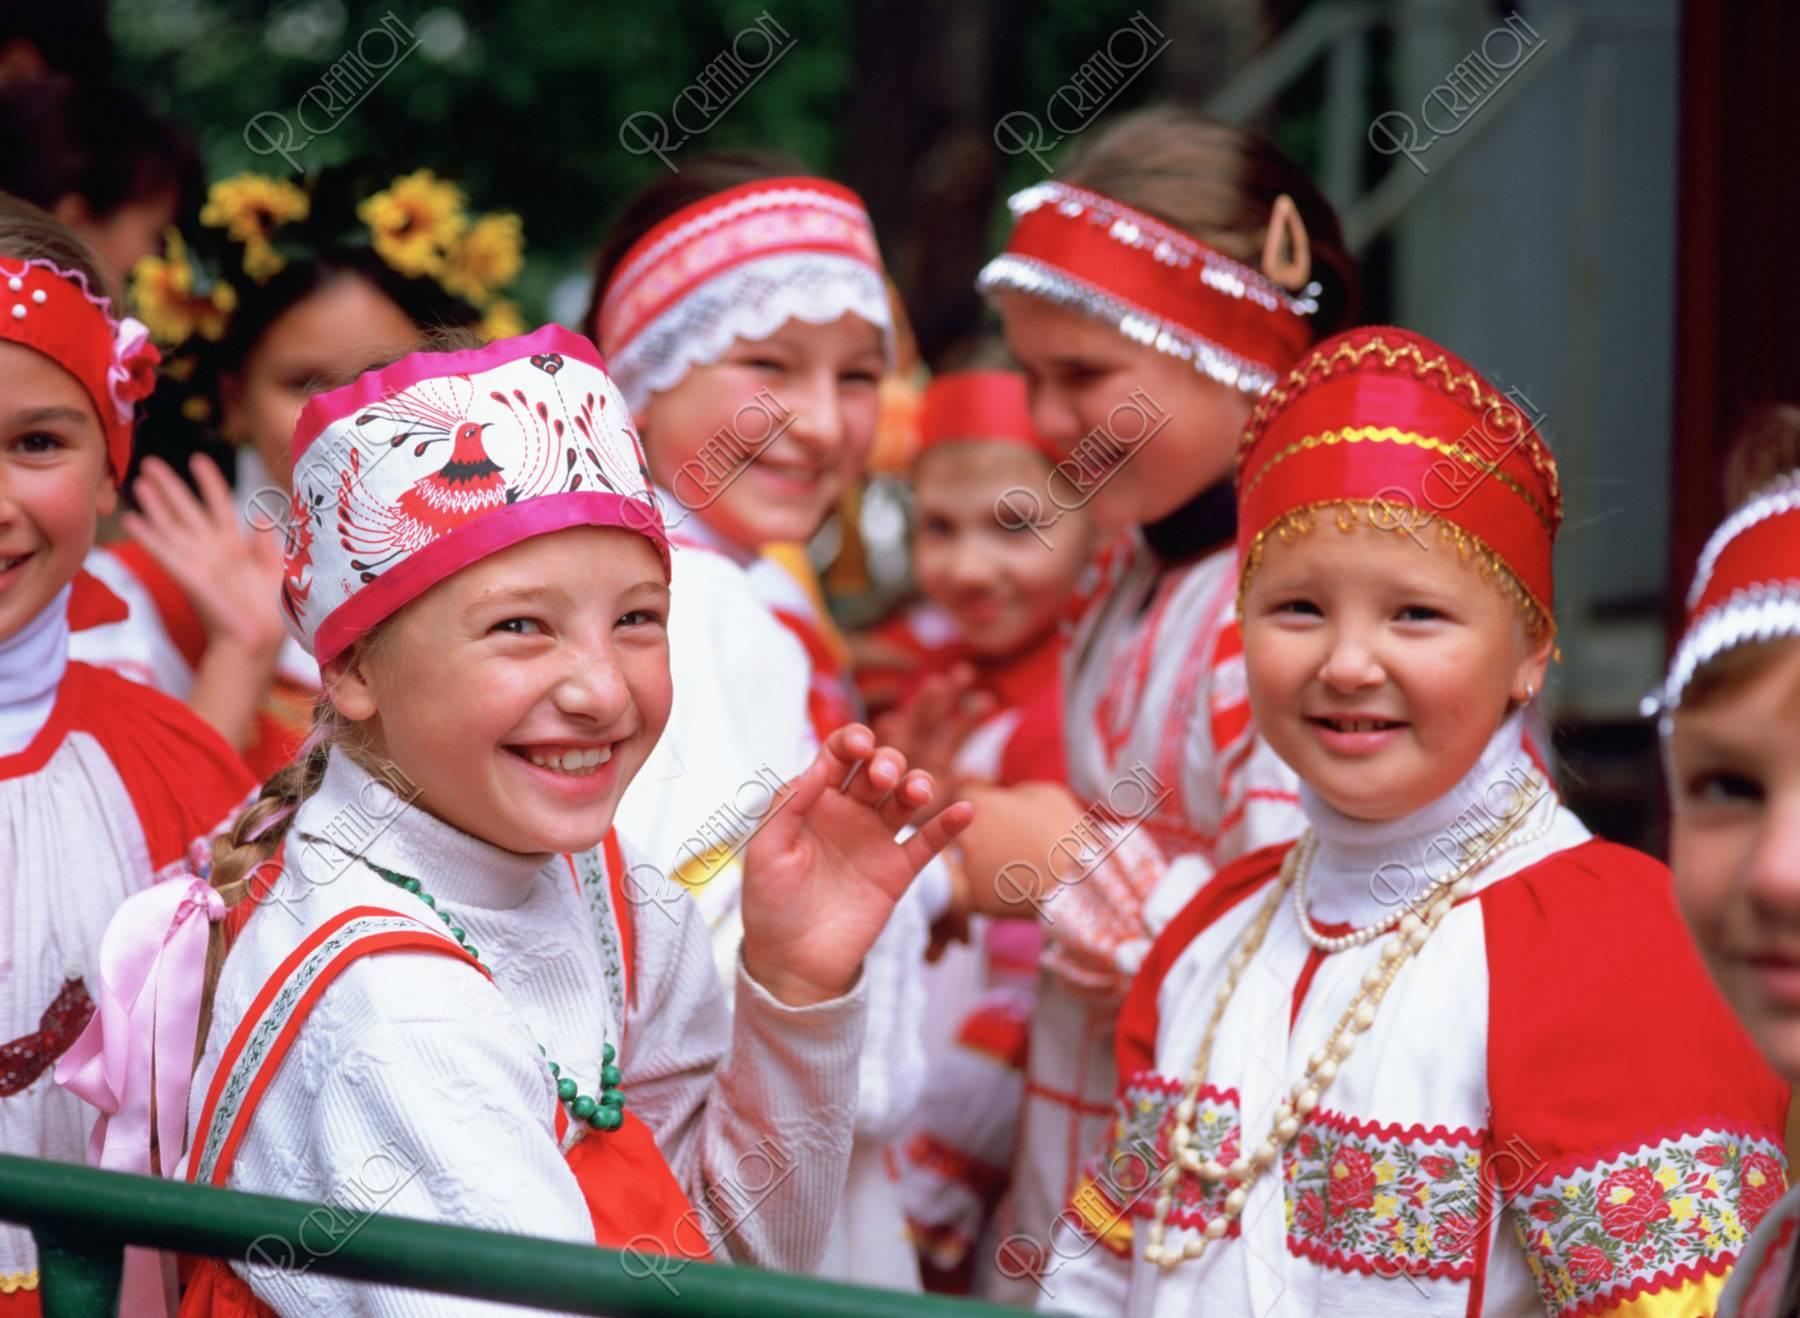 民族衣装の子供達L